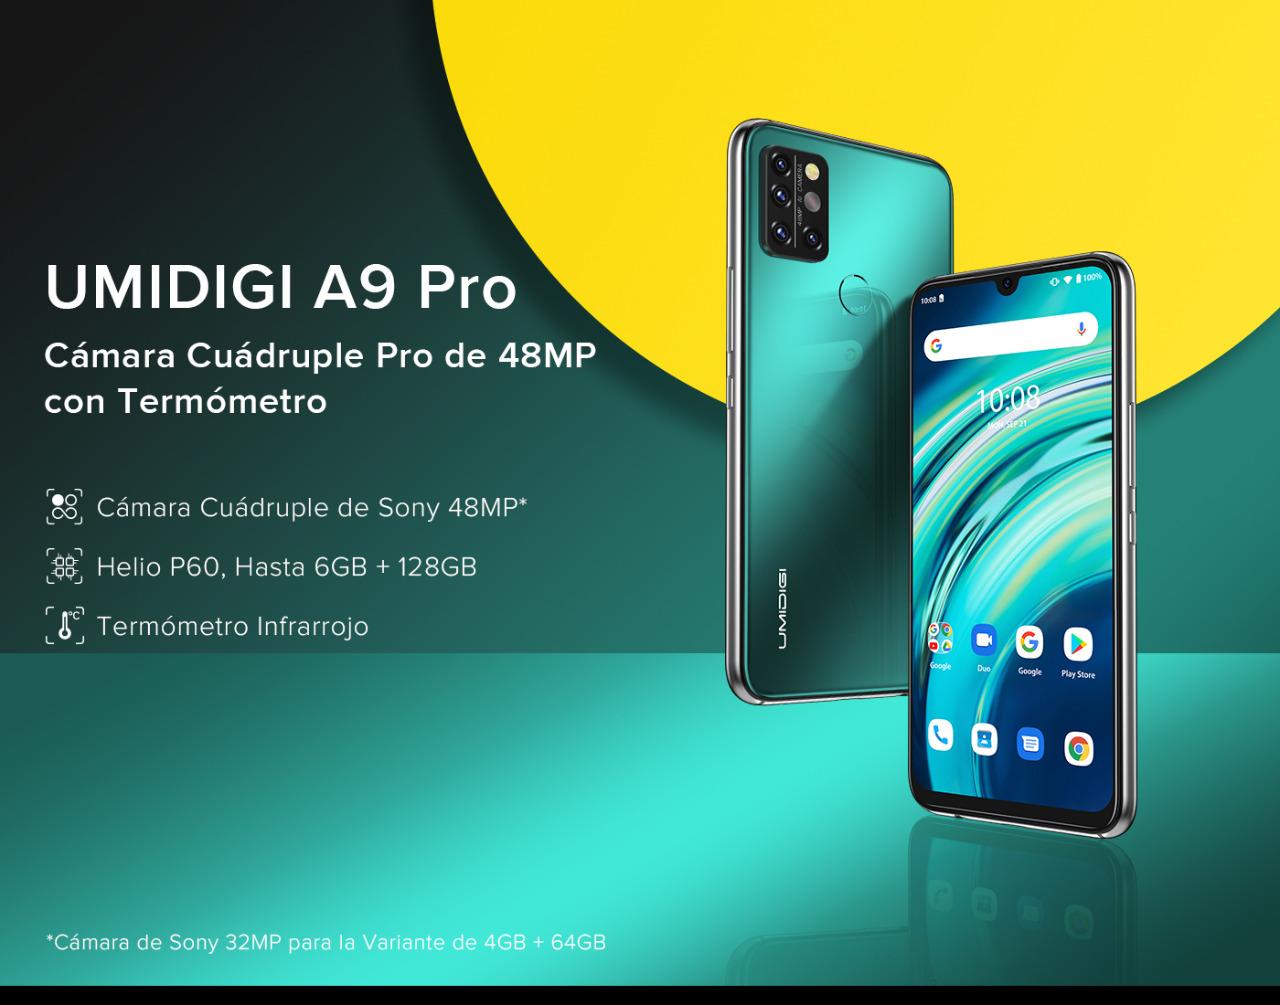 Umidigi llega al Perú de la mano de Linio.com